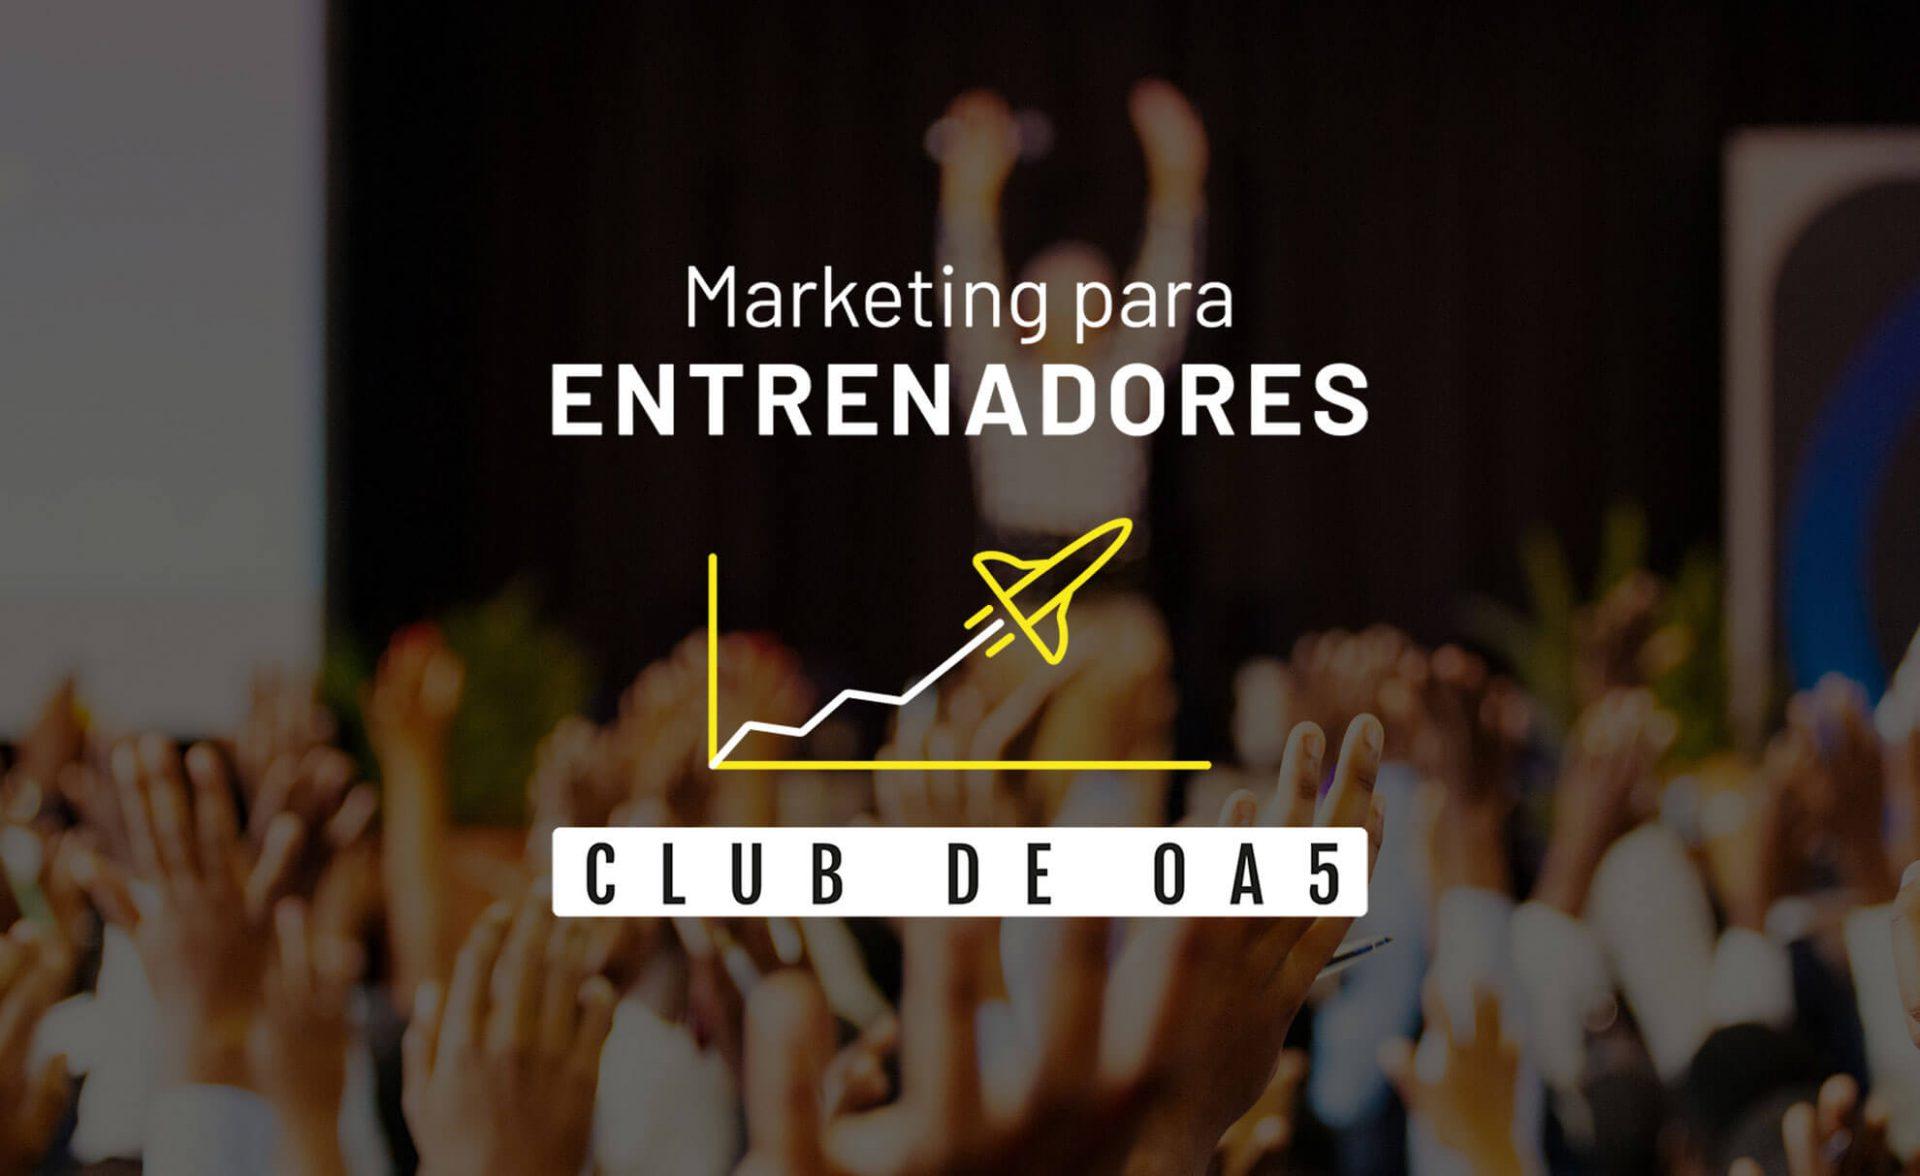 imagen corporativa portfolio diseño marketing entrenadores